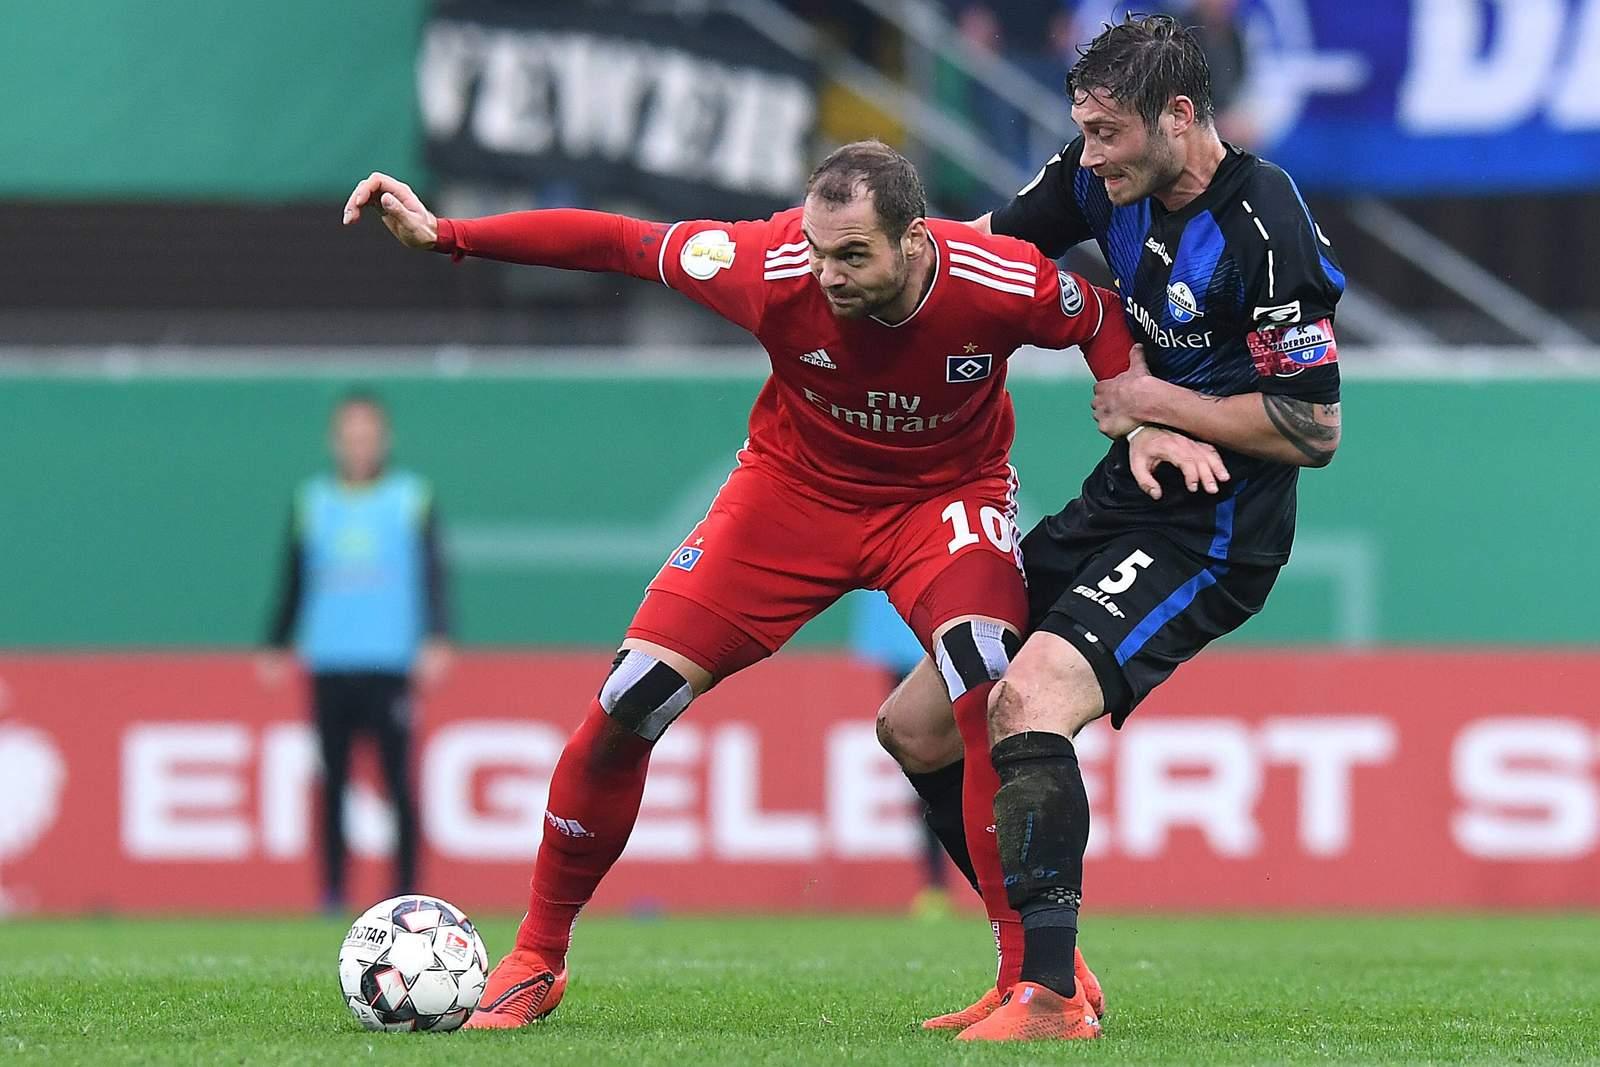 Setzt sich Lasogga wieder gegen Strohdiek durch? Jetzt auf Bundesliga Aufsteiger wetten